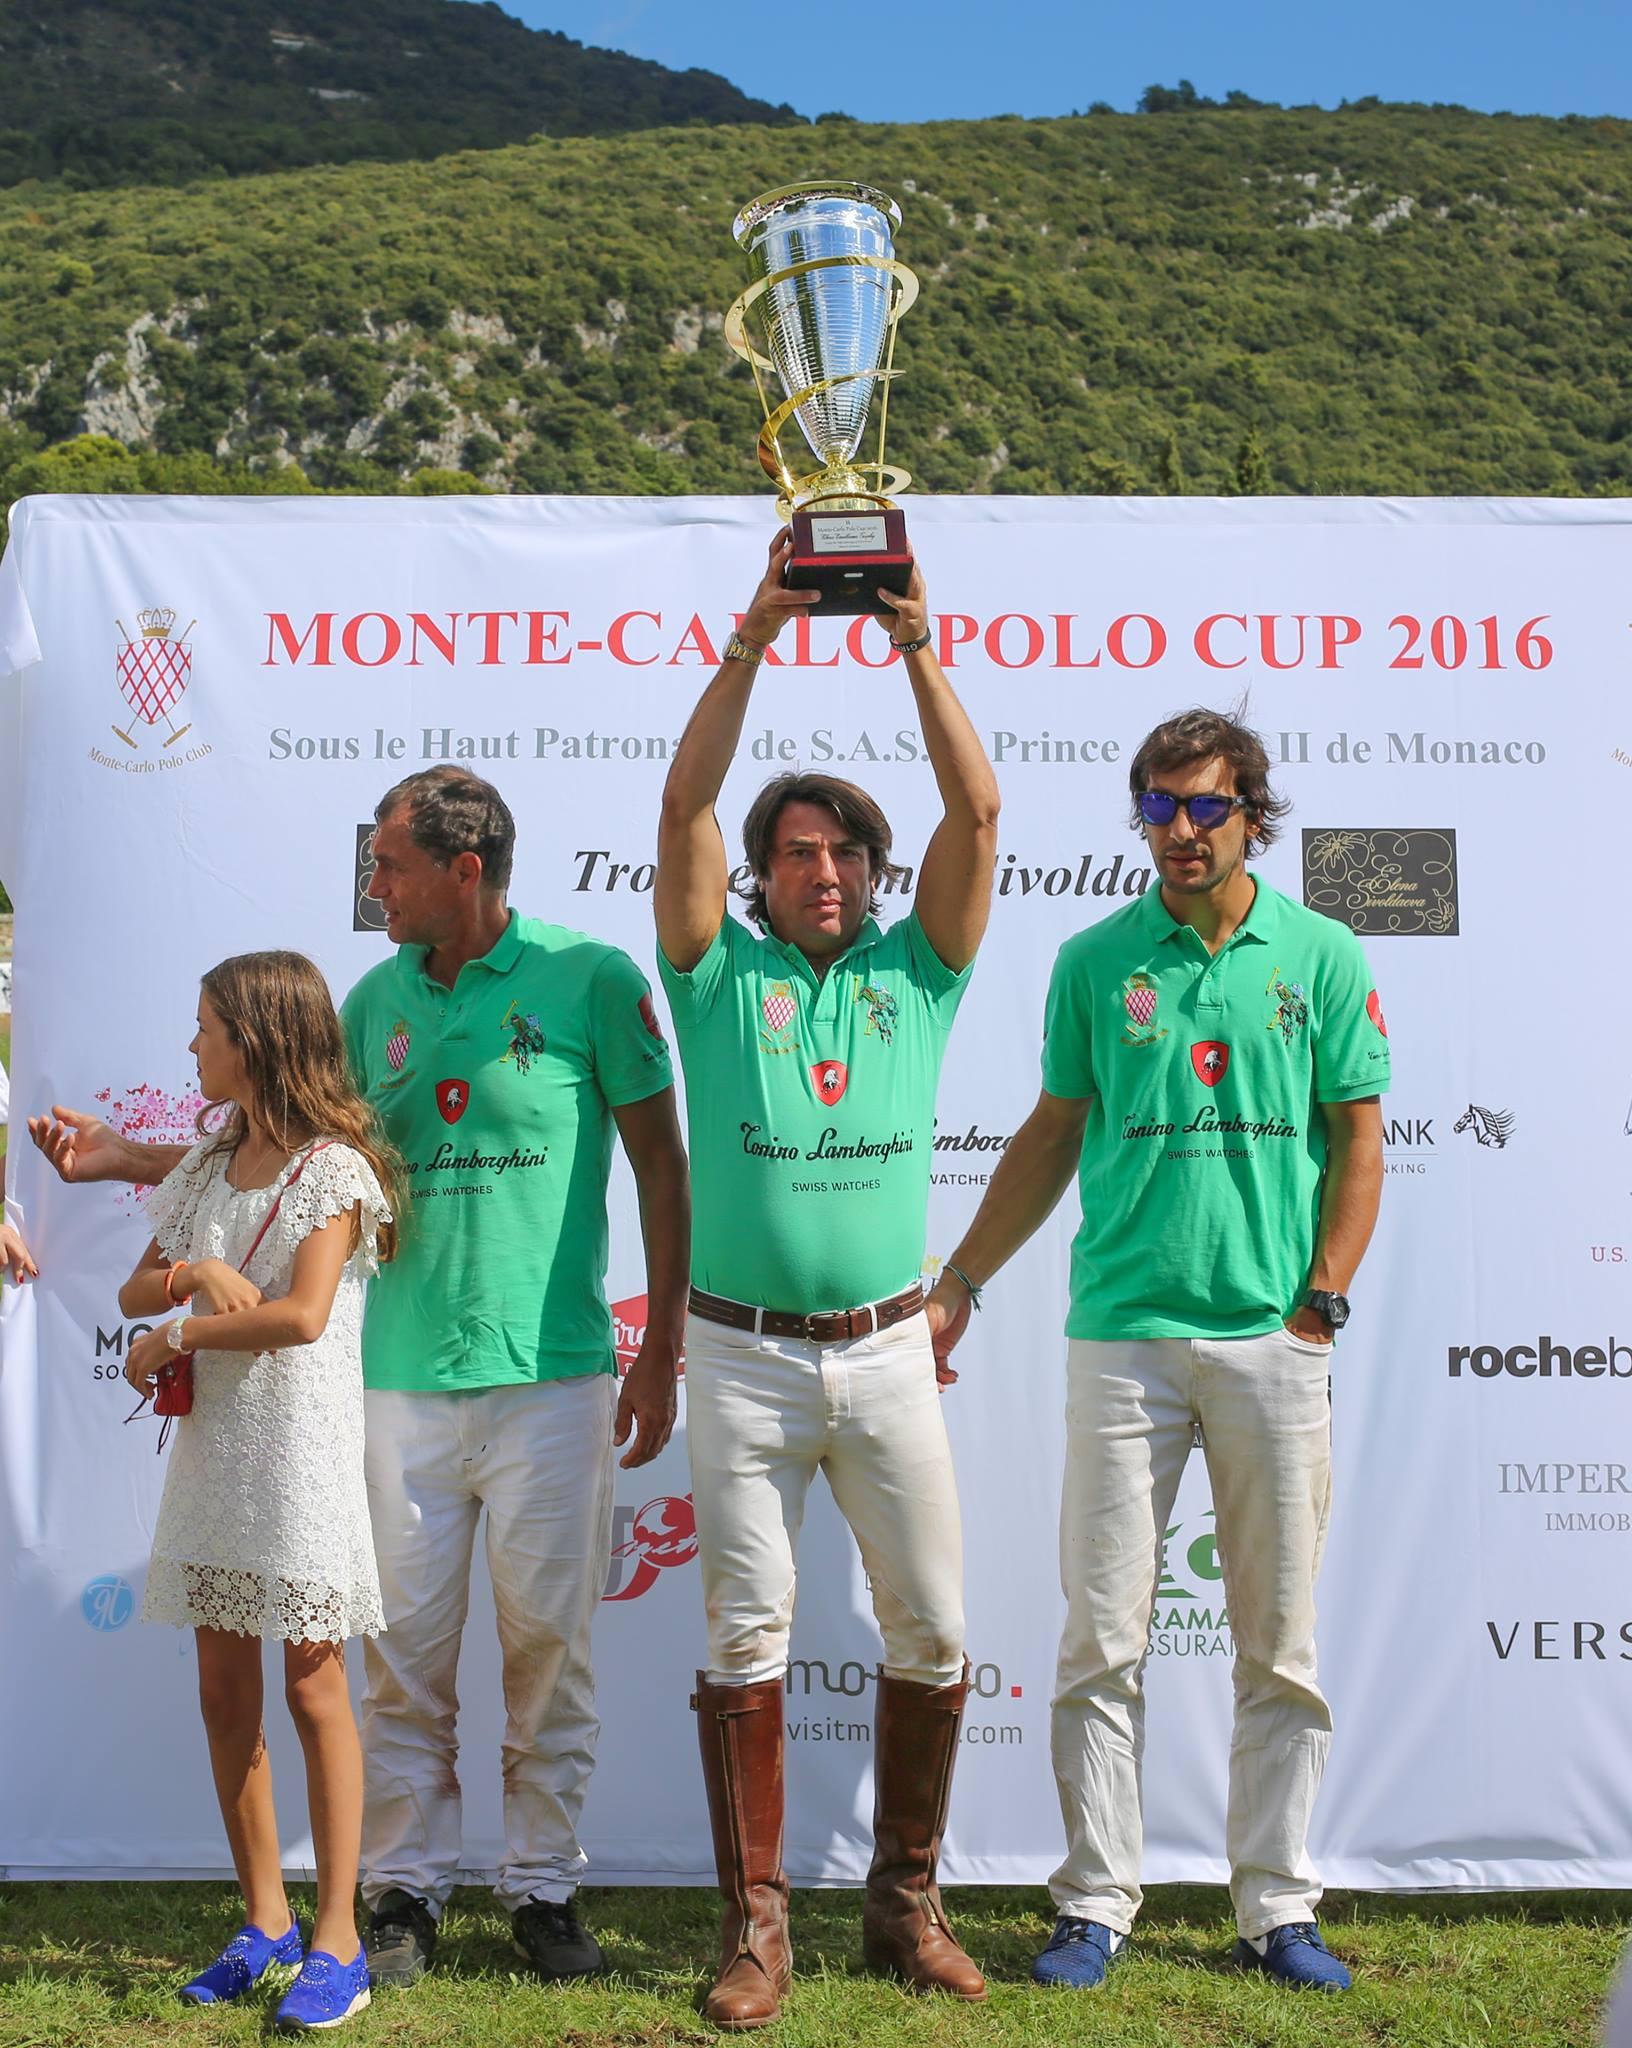 Бронза Кубка поло Монте-Карло-2016 у команды Lamborghini